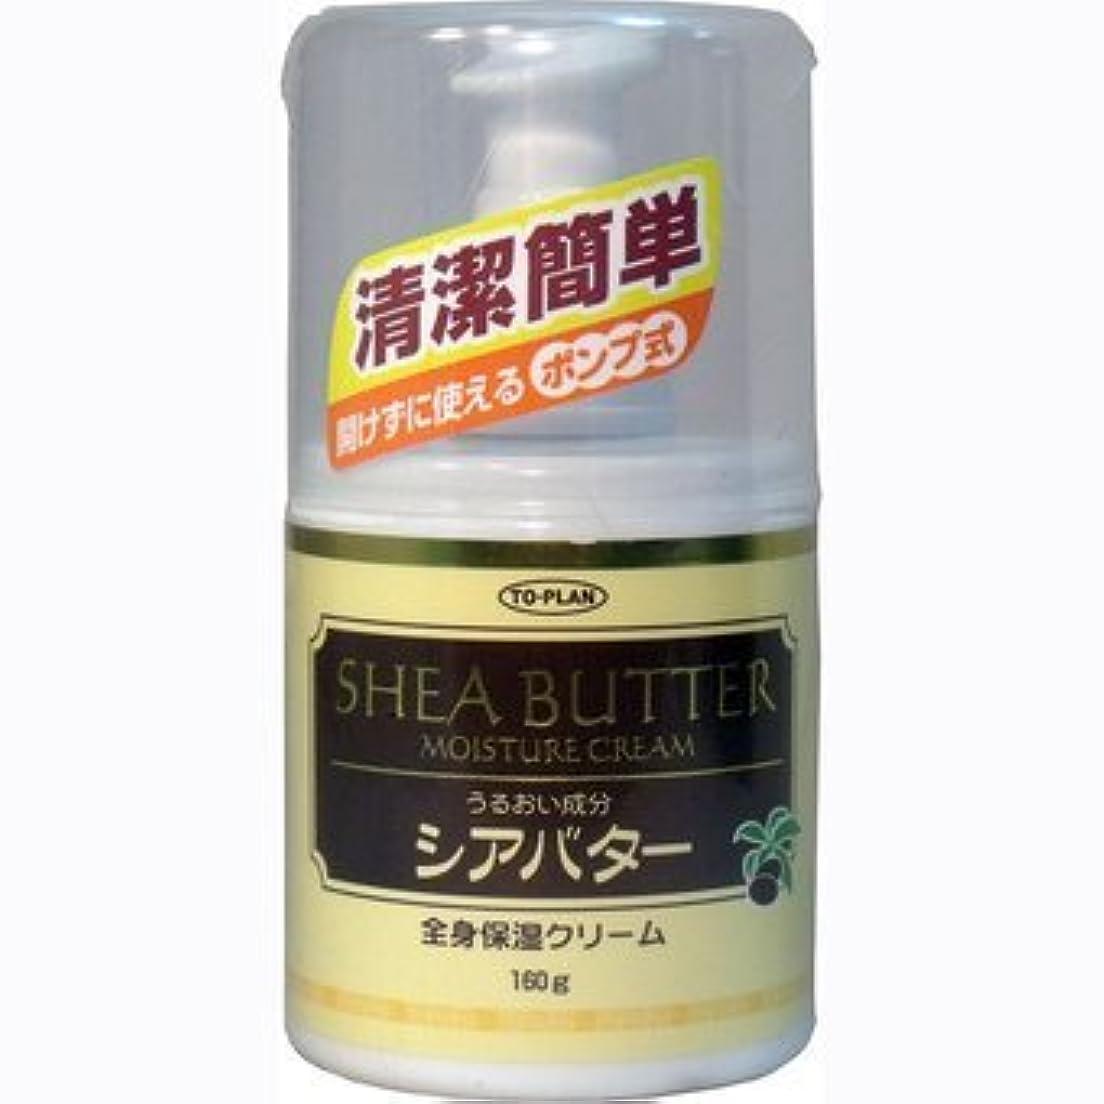 簡単なフィッティング少数トプランお肌の乾燥を防ぐ 全身保湿クリーム シアバター ポンプ式 160g×3個